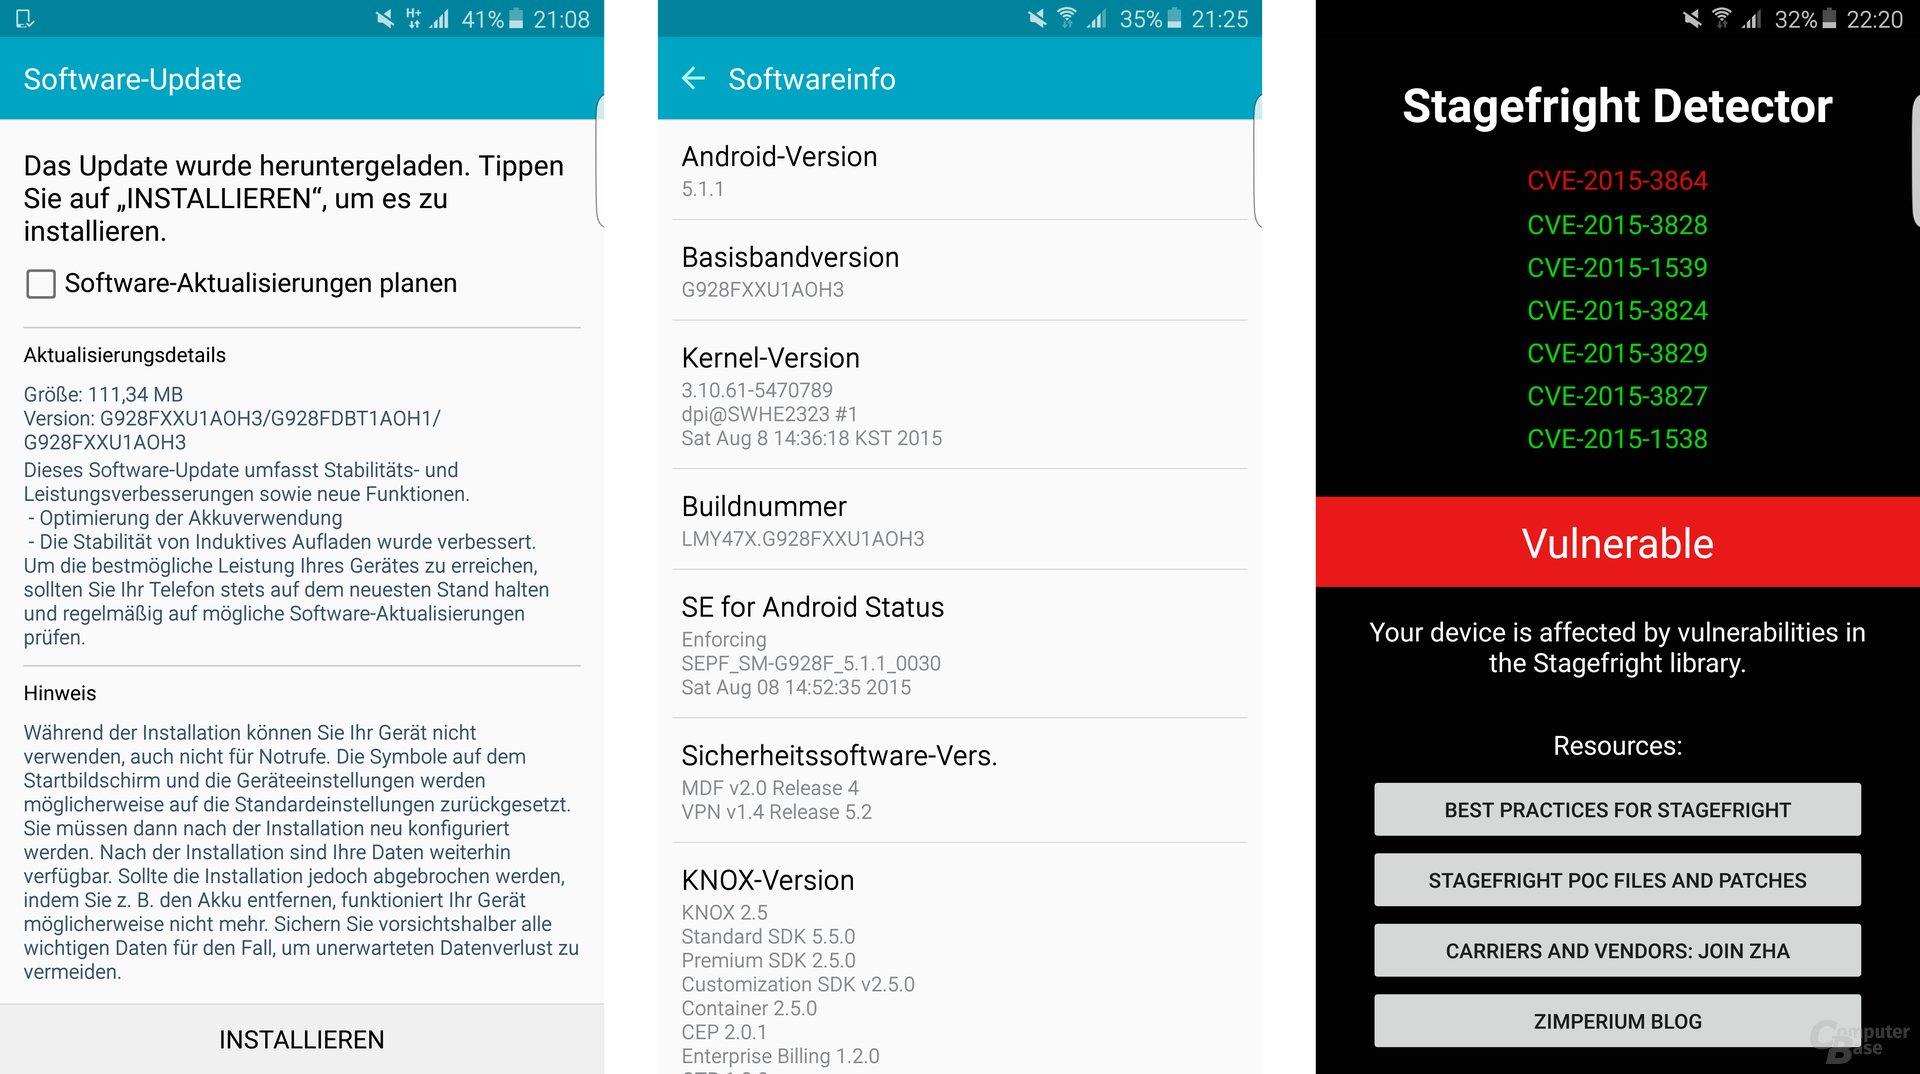 Update für das Samsung Galaxy S6 edge+